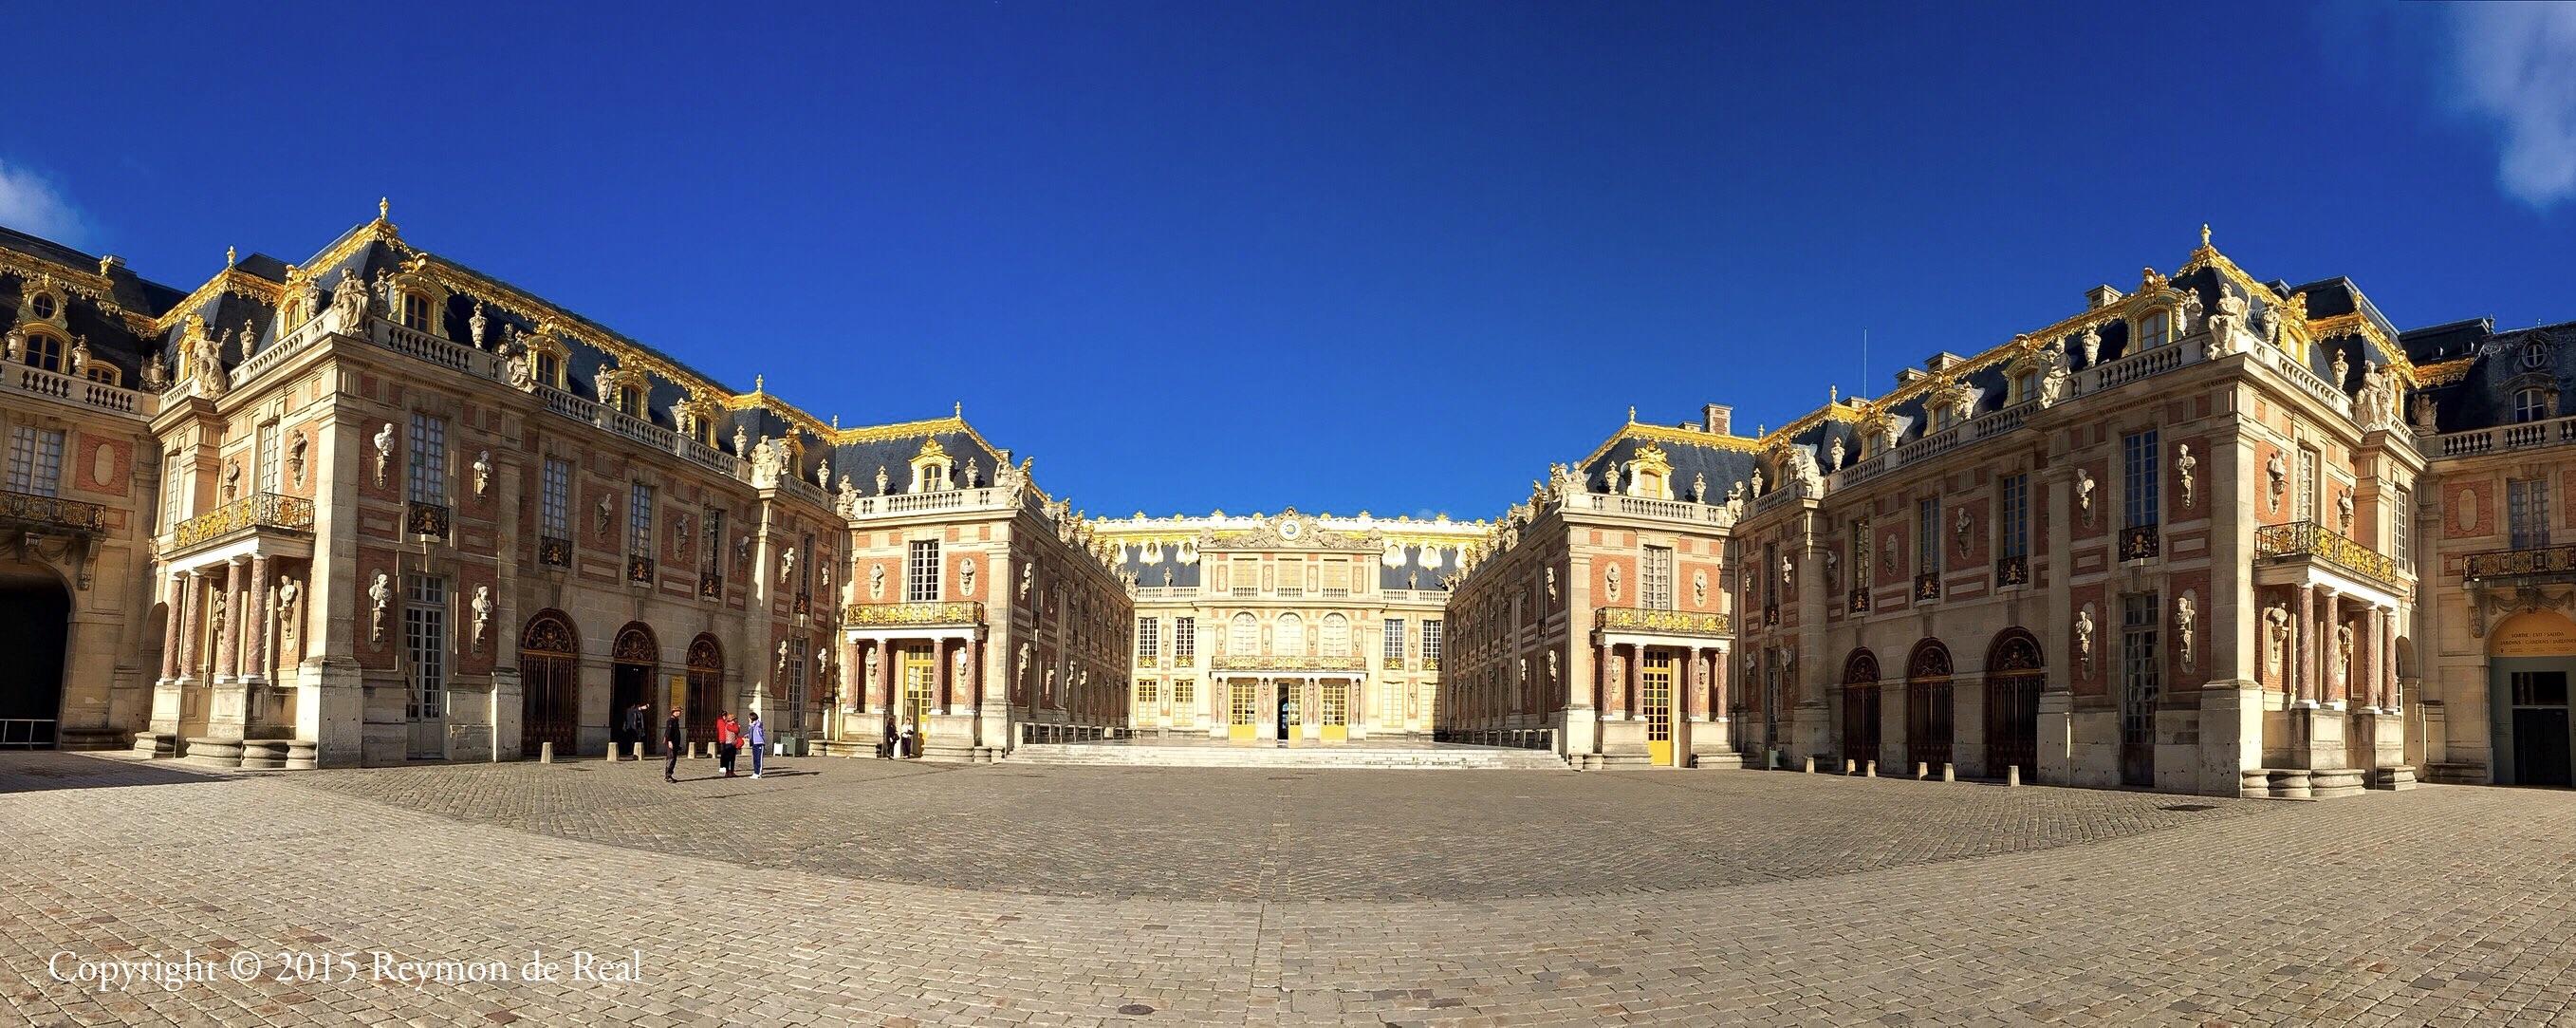 Ch teau de versailles reymon de real photography - Photo chateau de versailles ...